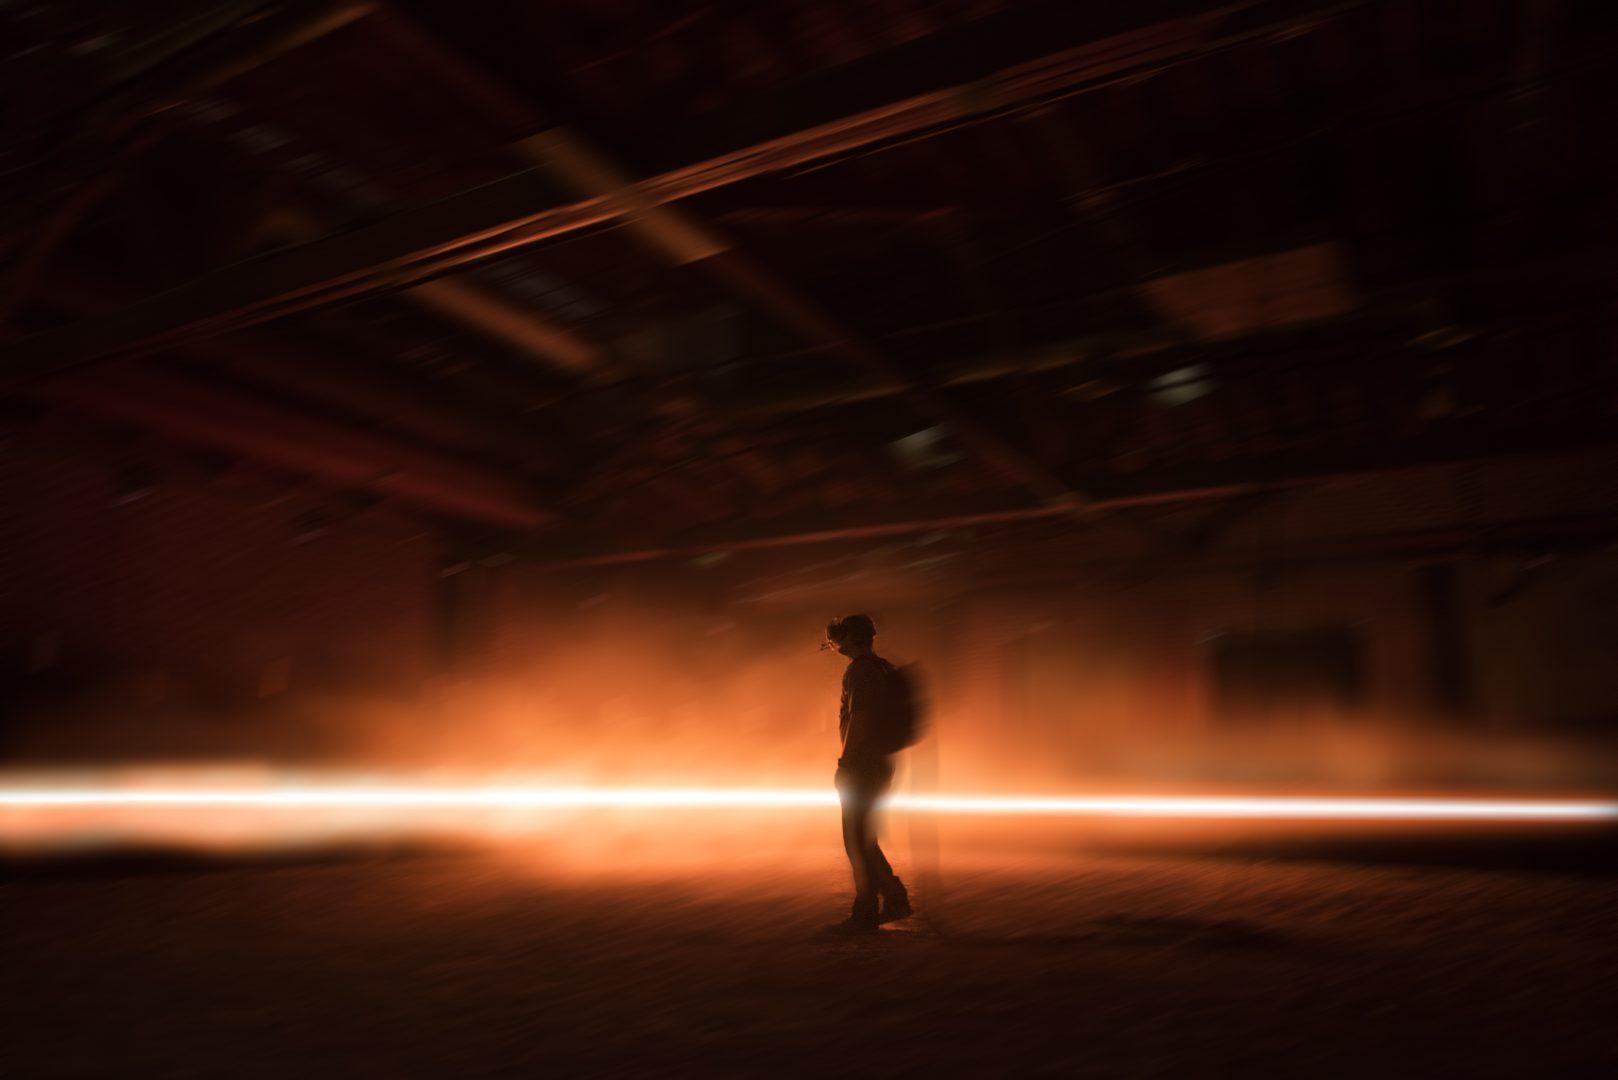 CARNE Y ARENA, l'installazione di Alejandro G. Iñárritu a Fondazione Prada